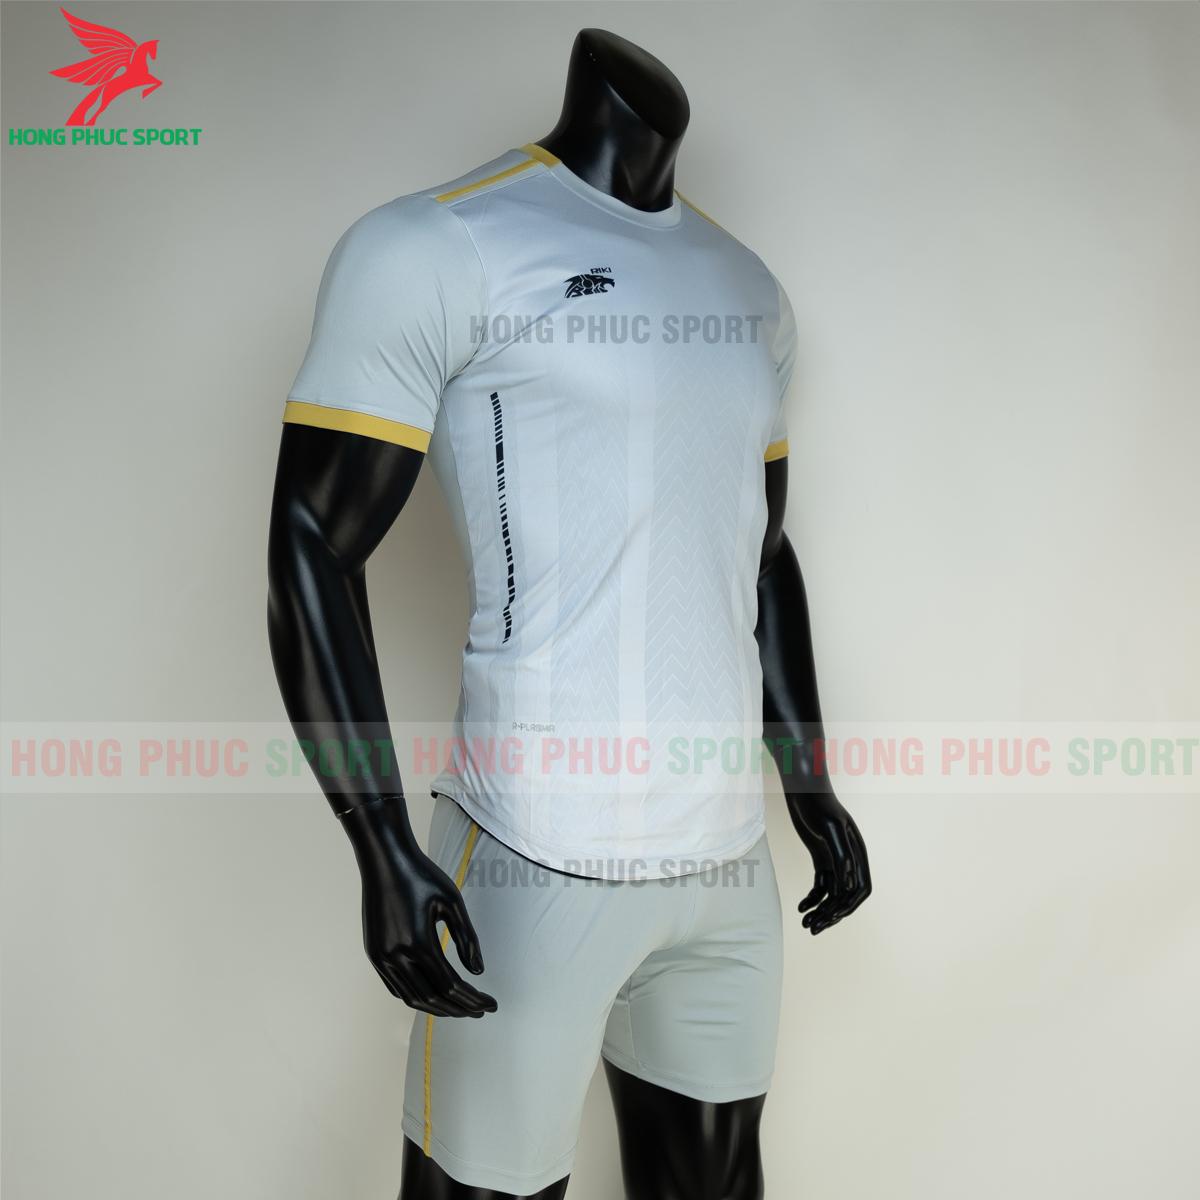 https://cdn.hongphucsport.com/unsafe/s4.shopbay.vn/files/285/ao-bong-da-khong-logo-riki-furior-mau-trang-6-605014cde93e6.png